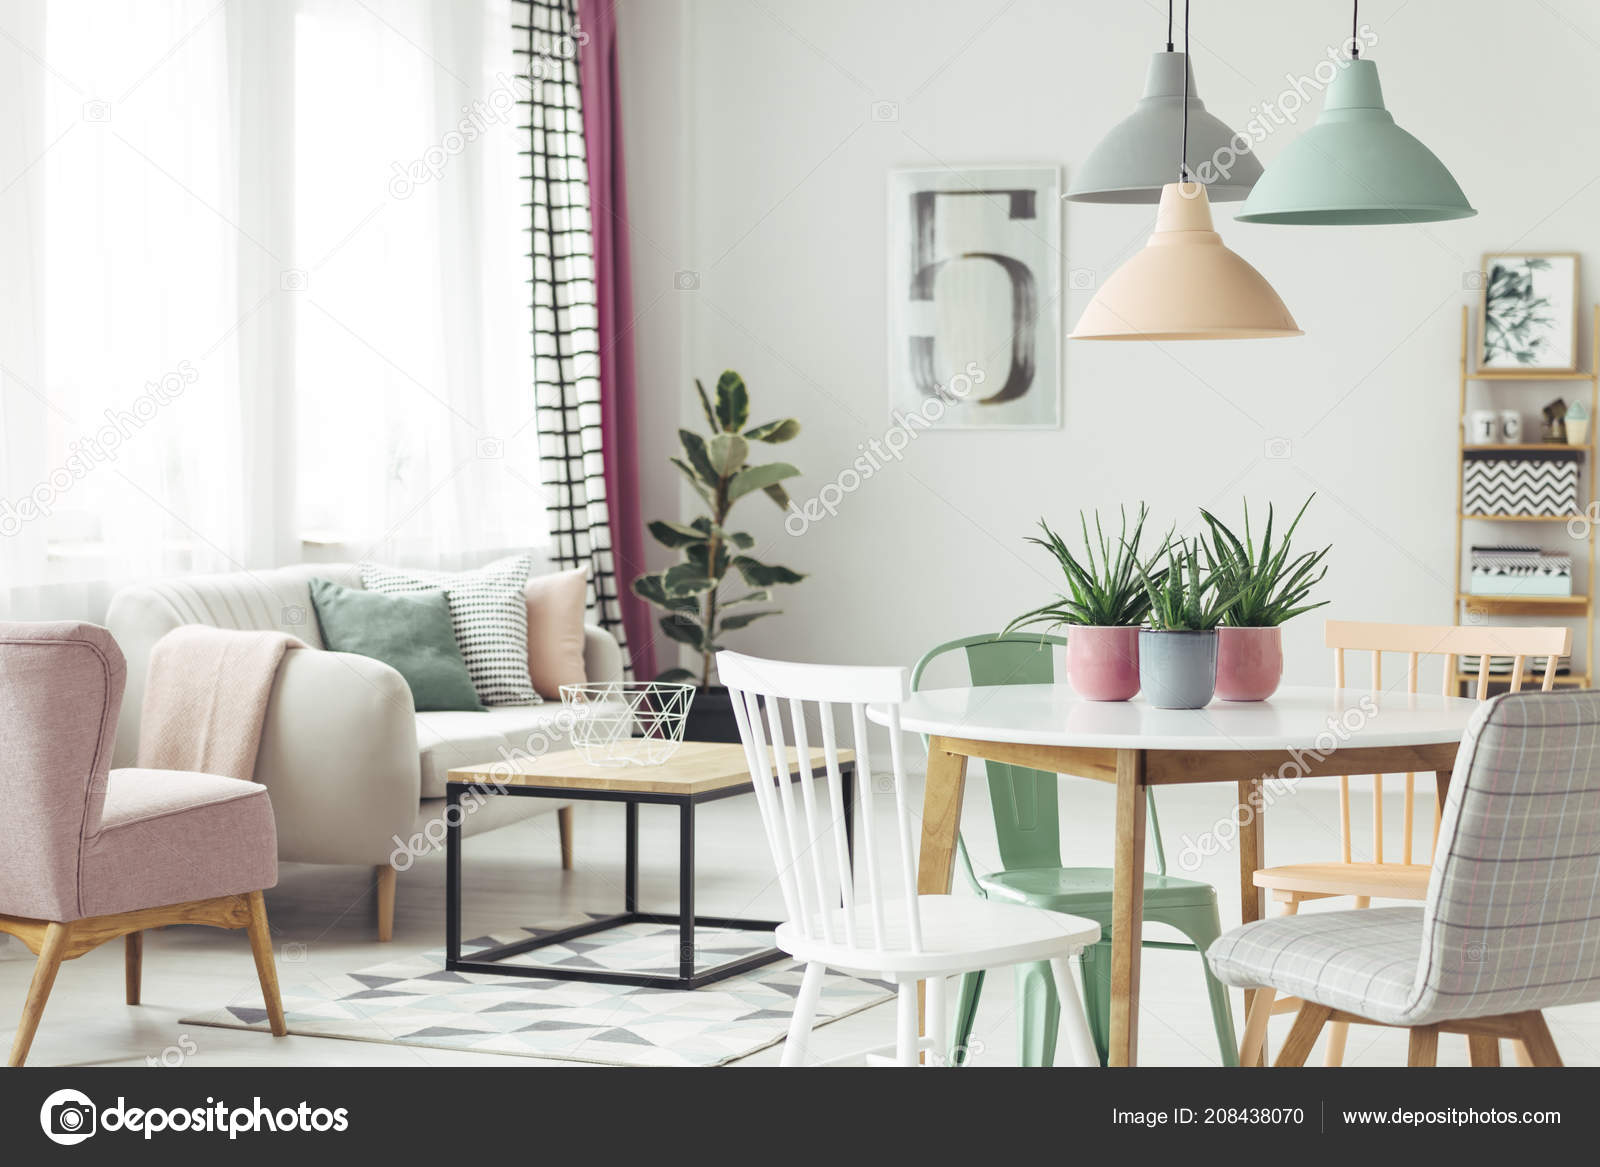 Echtes Foto Von Einem Pastell Wohnzimmer Interieur Mit Einem